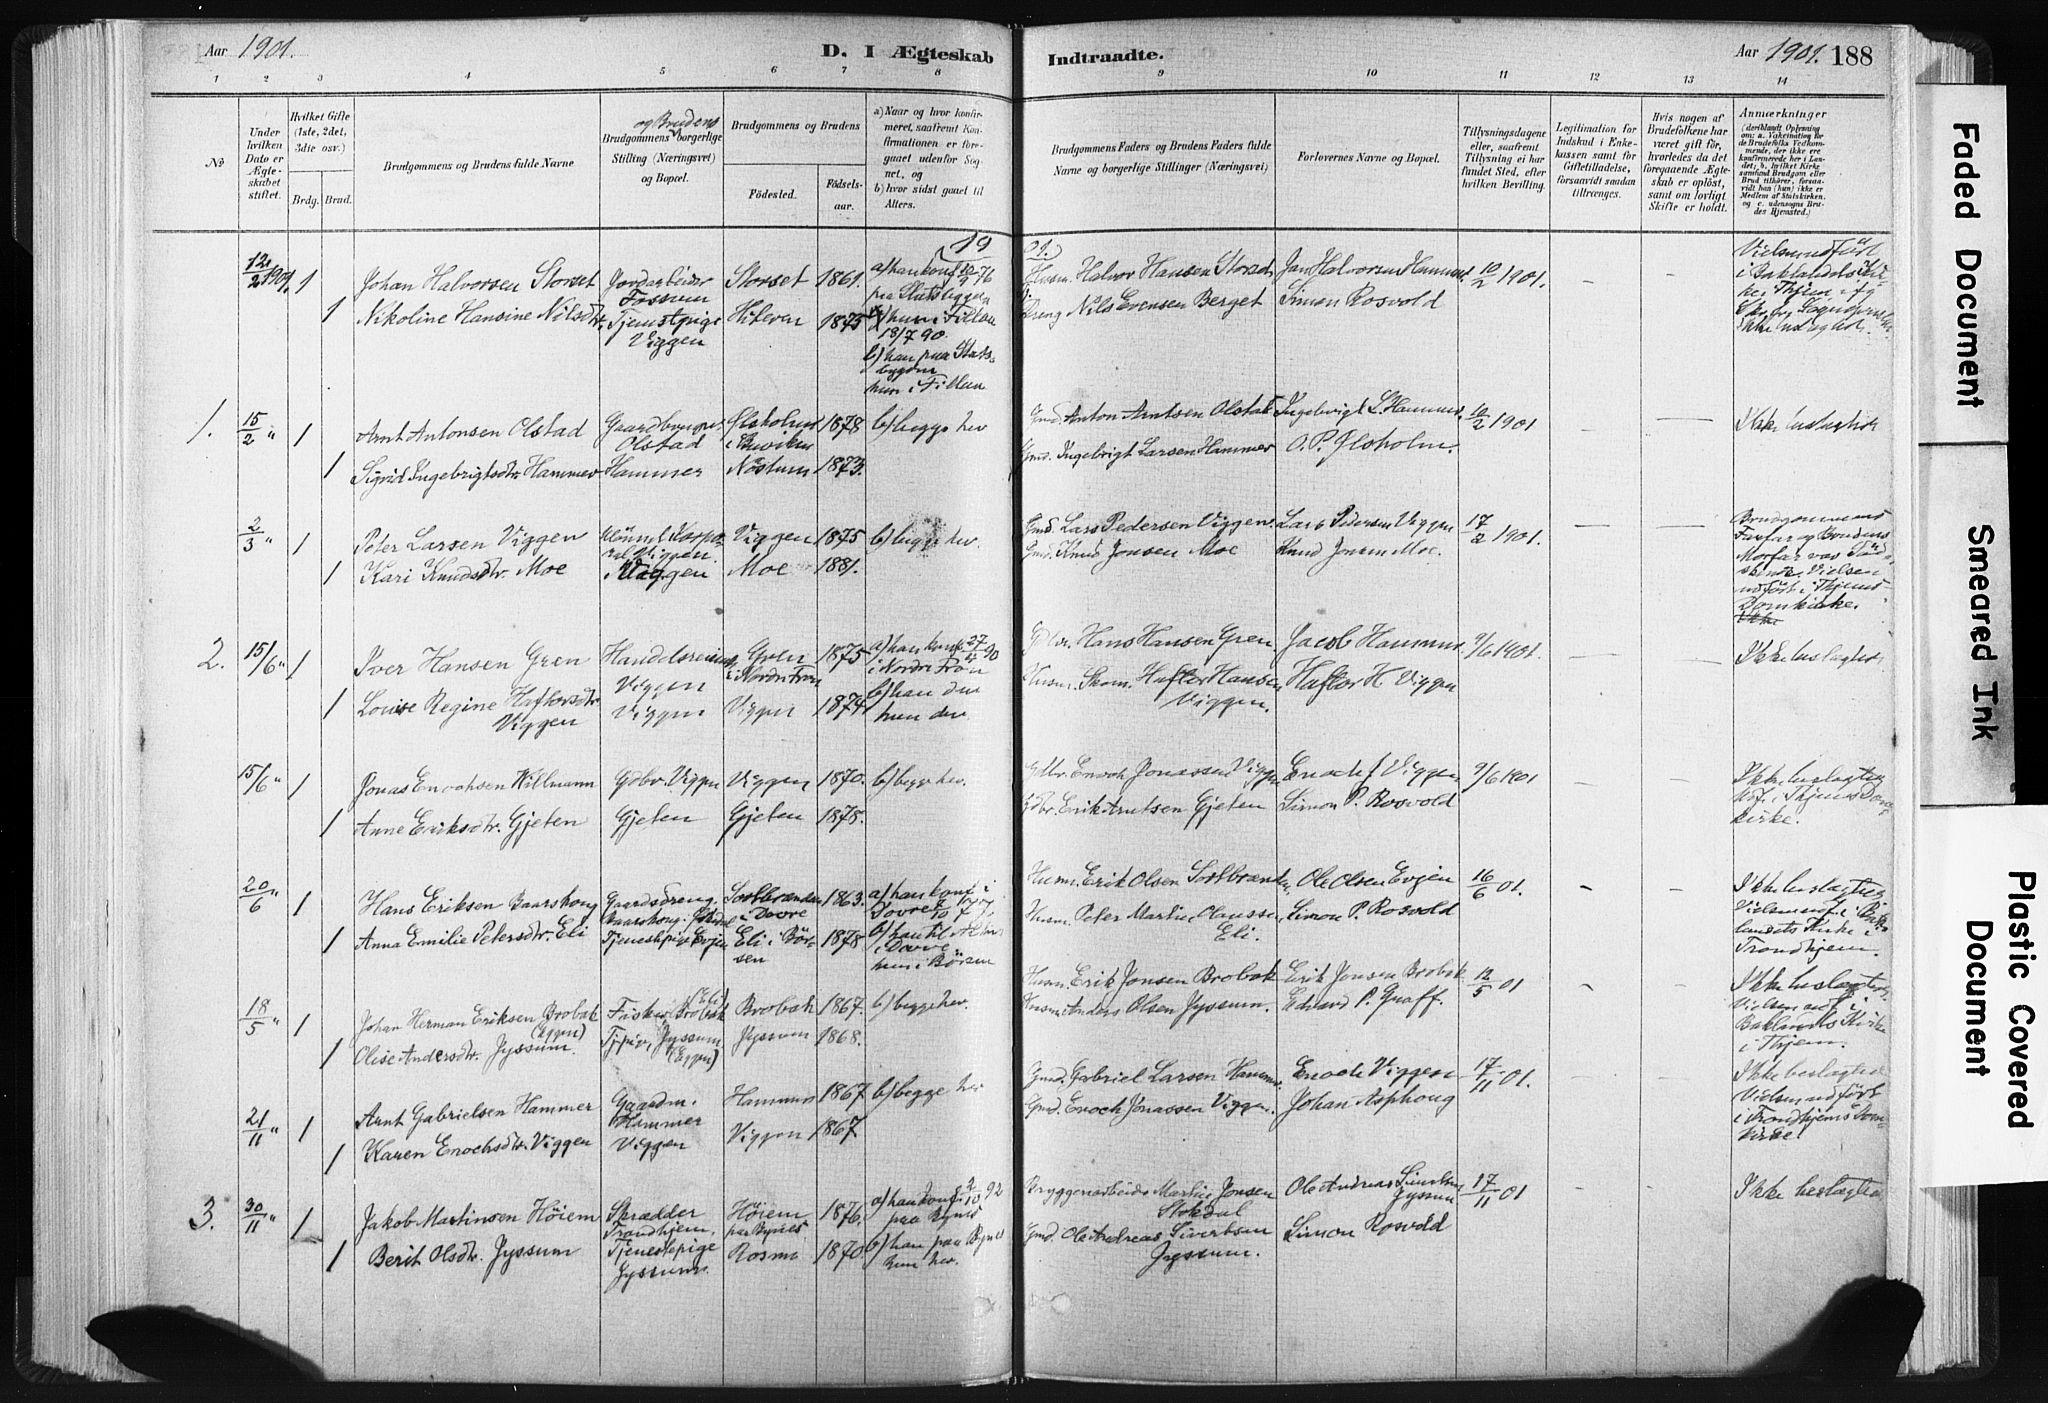 SAT, Ministerialprotokoller, klokkerbøker og fødselsregistre - Sør-Trøndelag, 665/L0773: Ministerialbok nr. 665A08, 1879-1905, s. 188